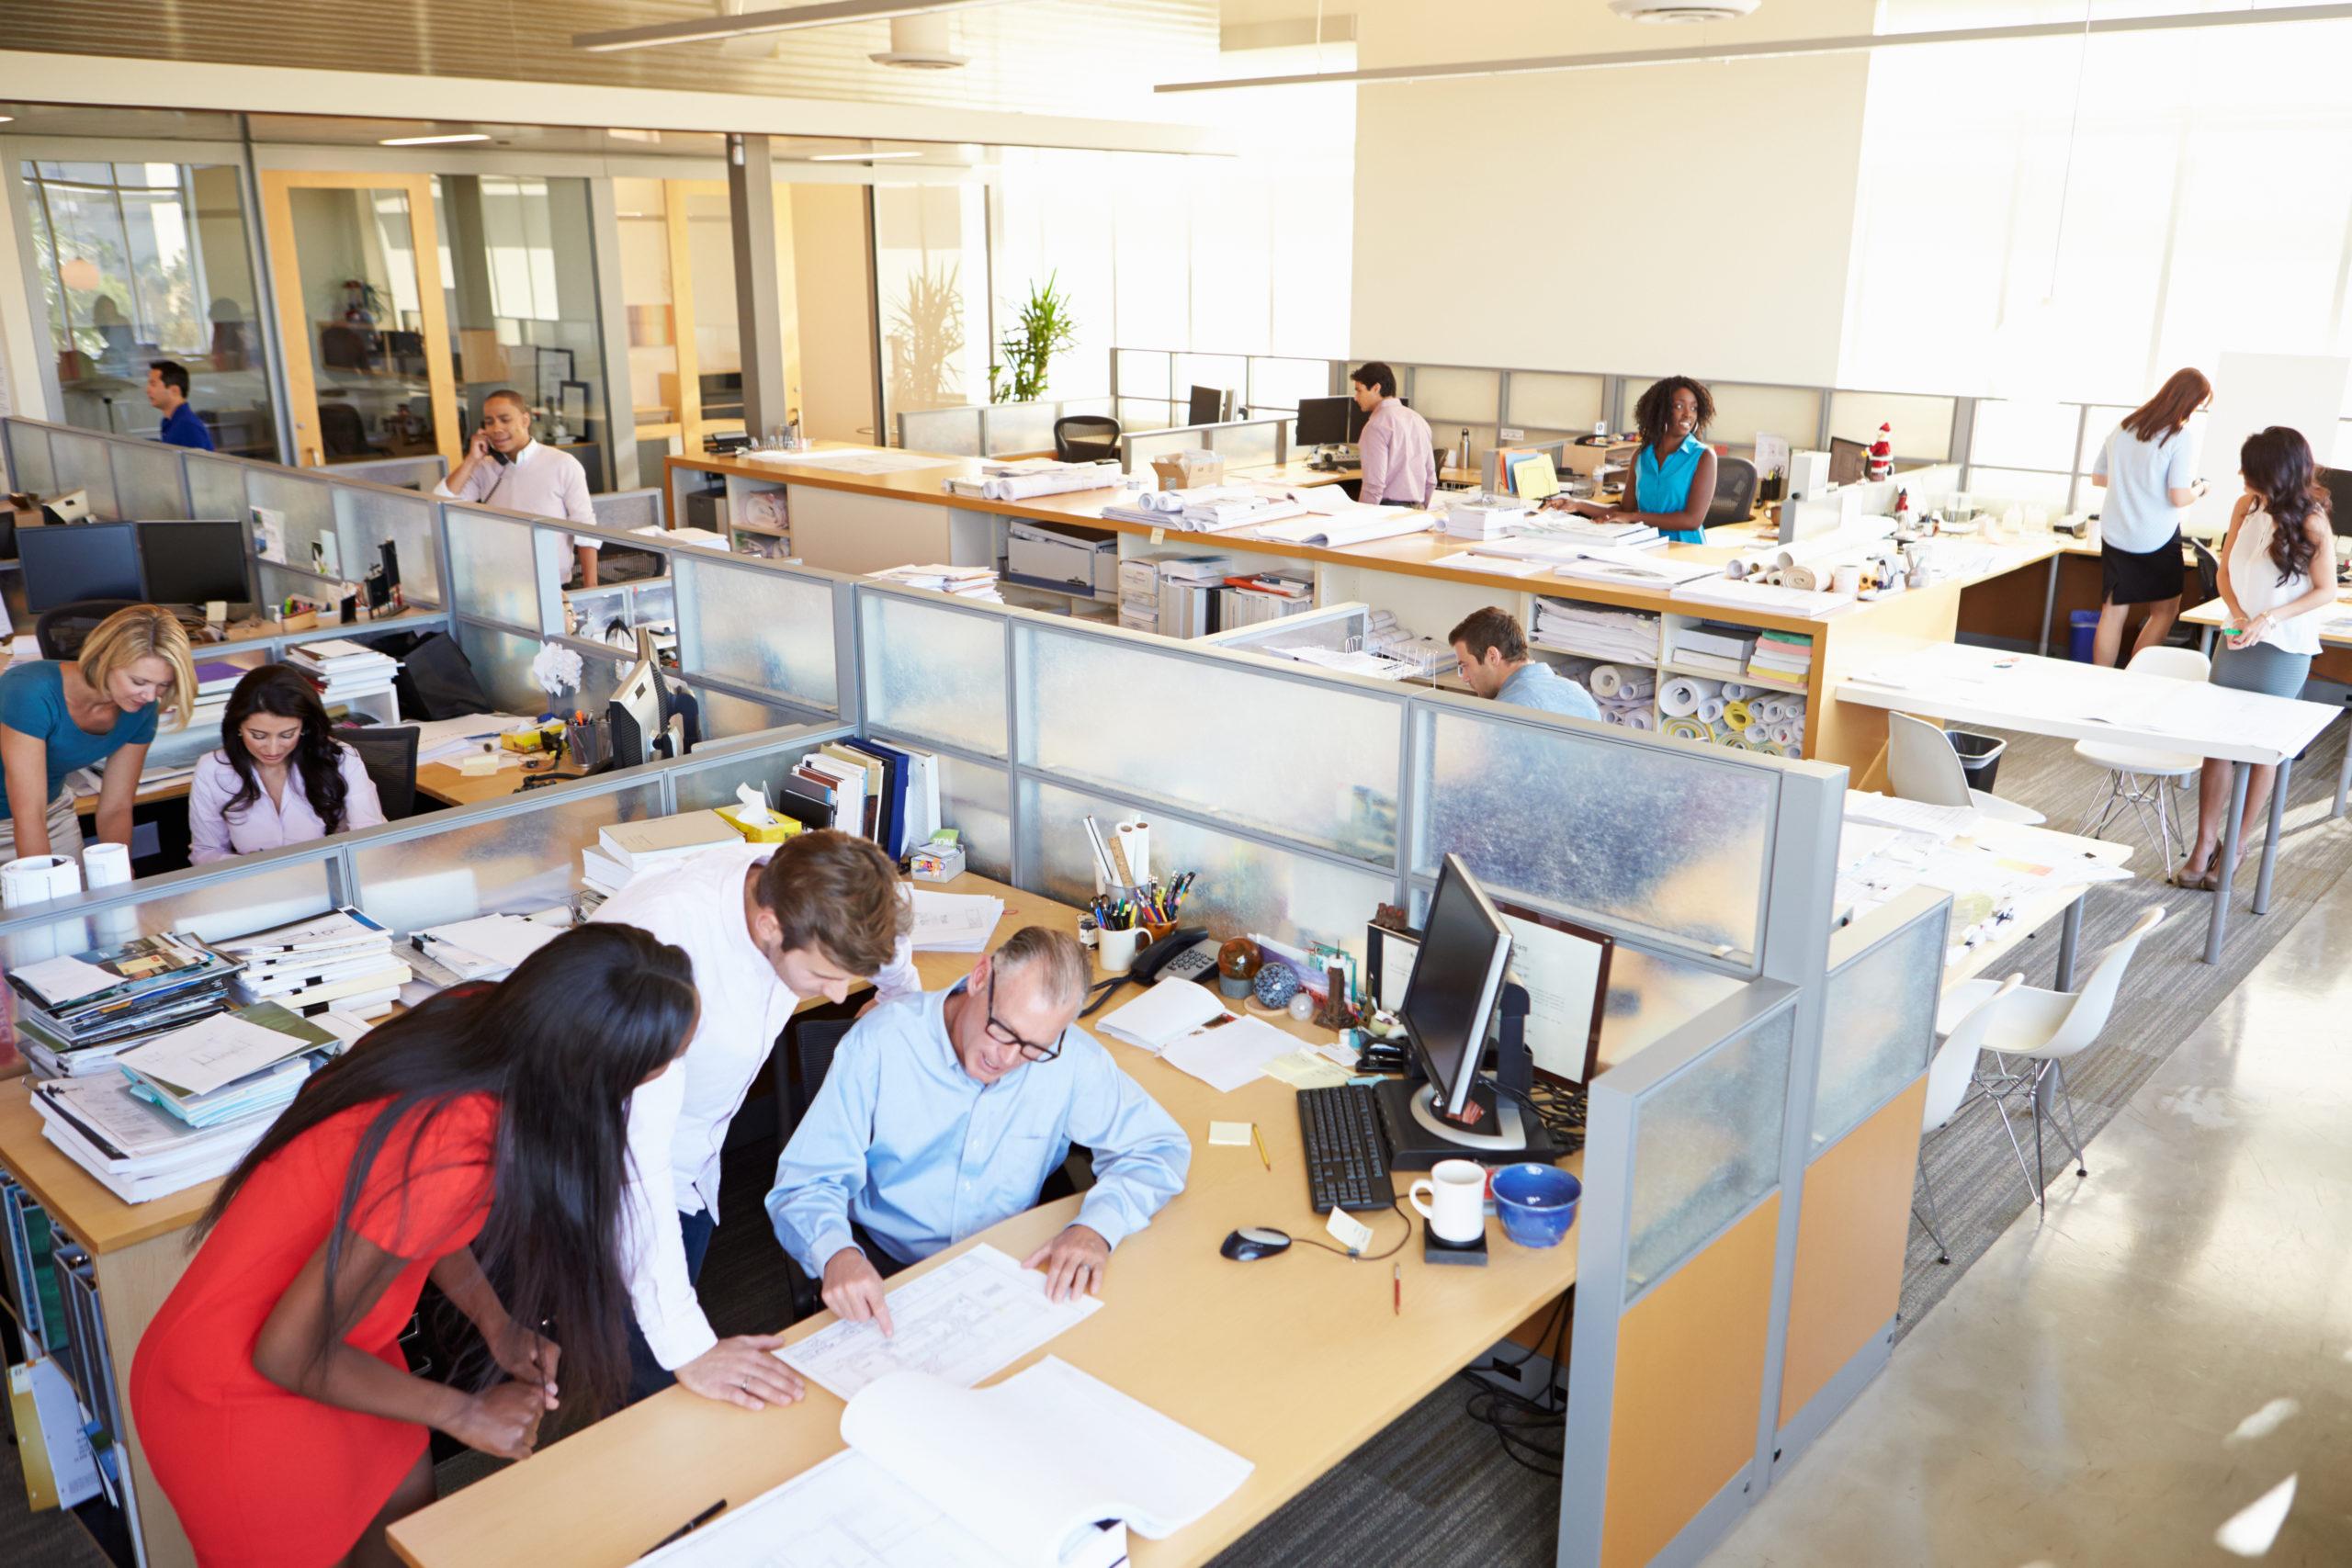 Kaltvernebelung im Büro